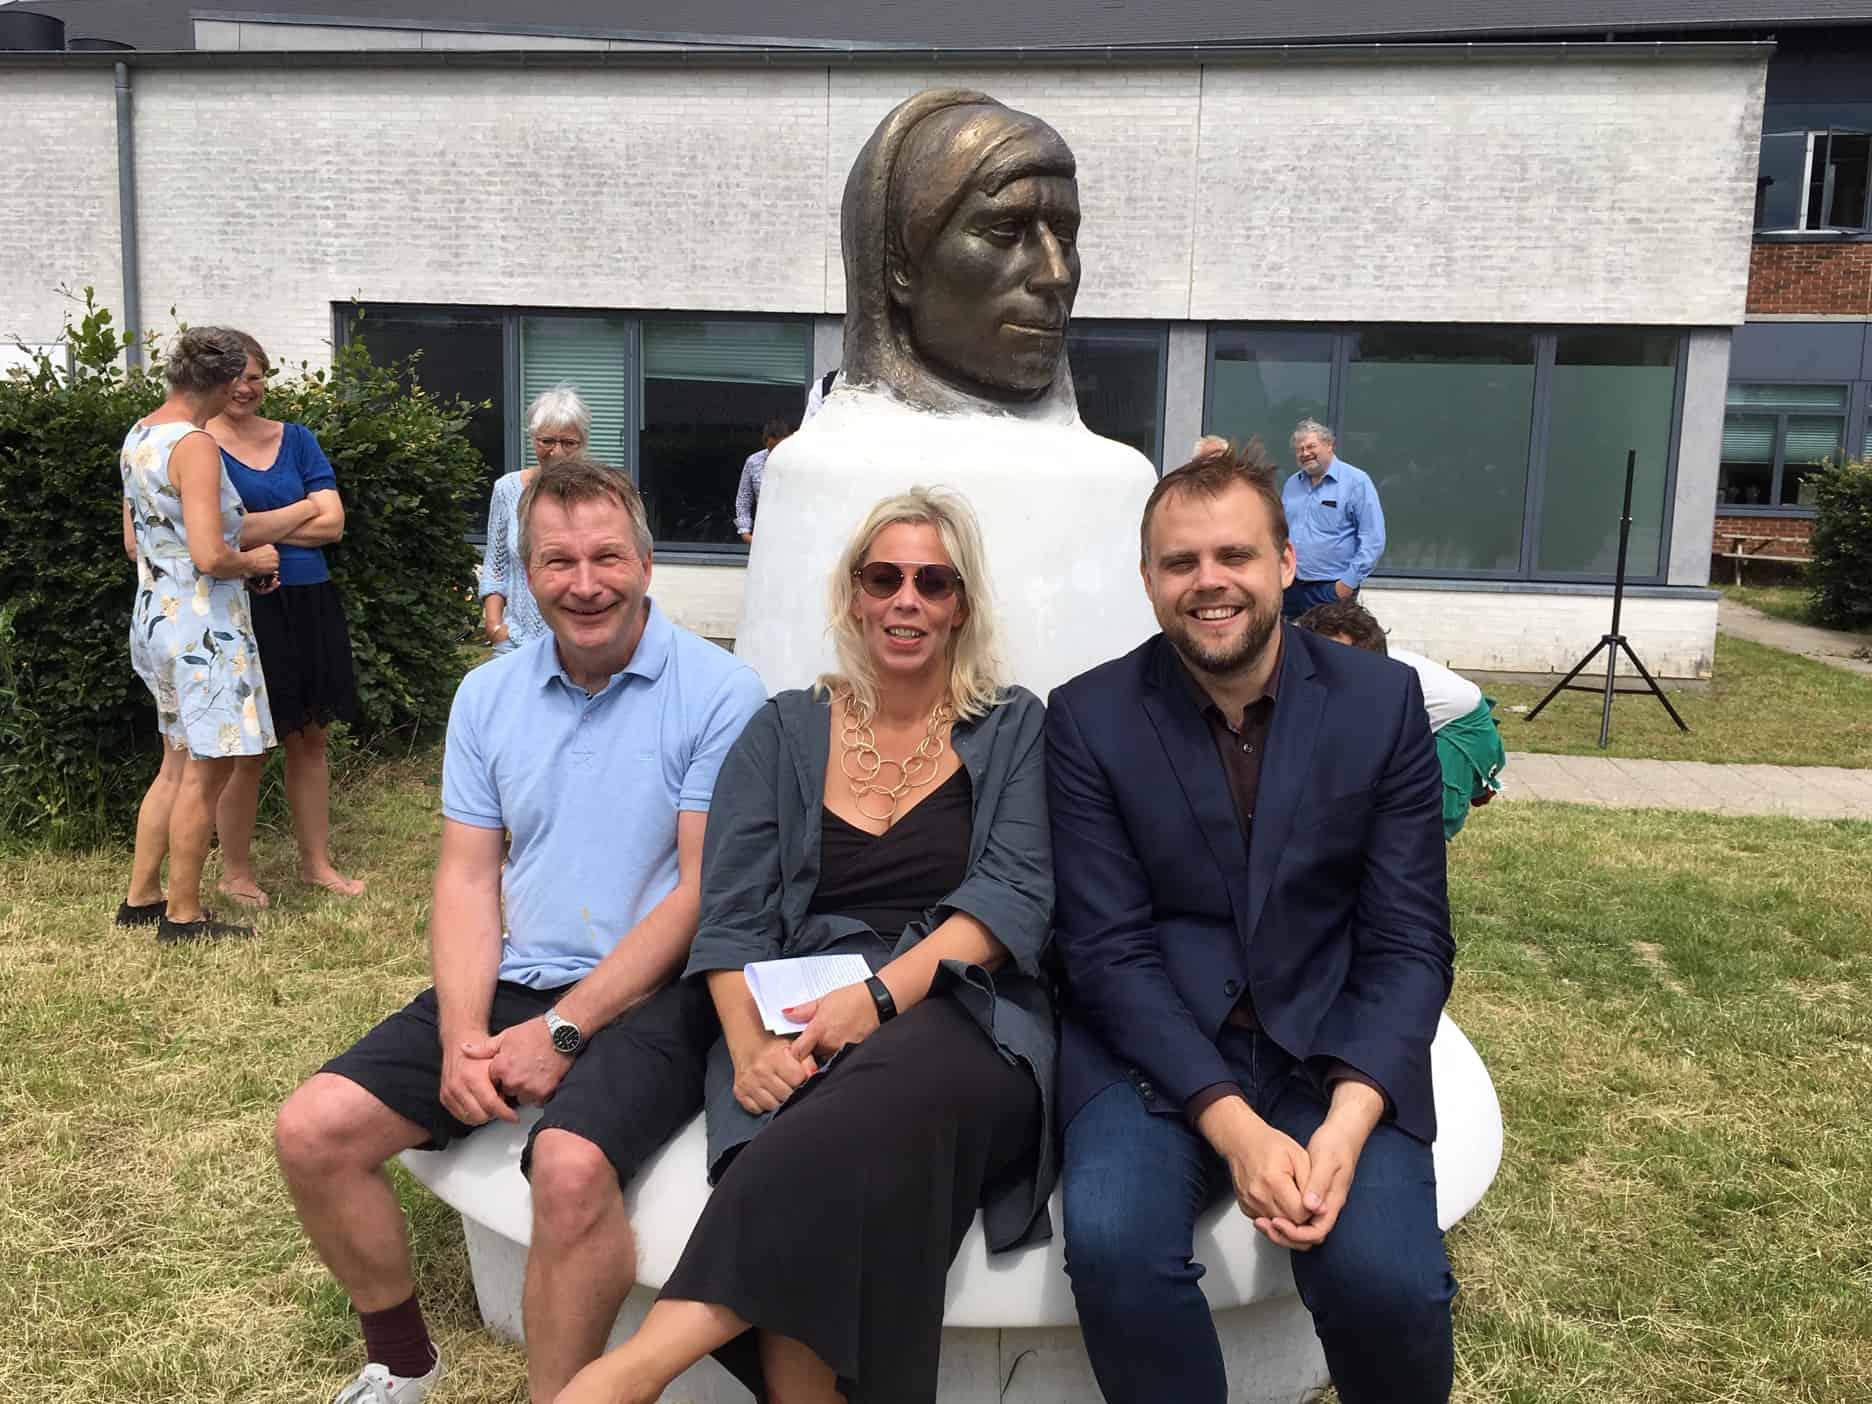 Knud Rasmussens buste flankeret af Tommy Vinter, viceskoleinspektør, Malene Nyenstad, skoleleder, og Steffen Jensen, borgmester